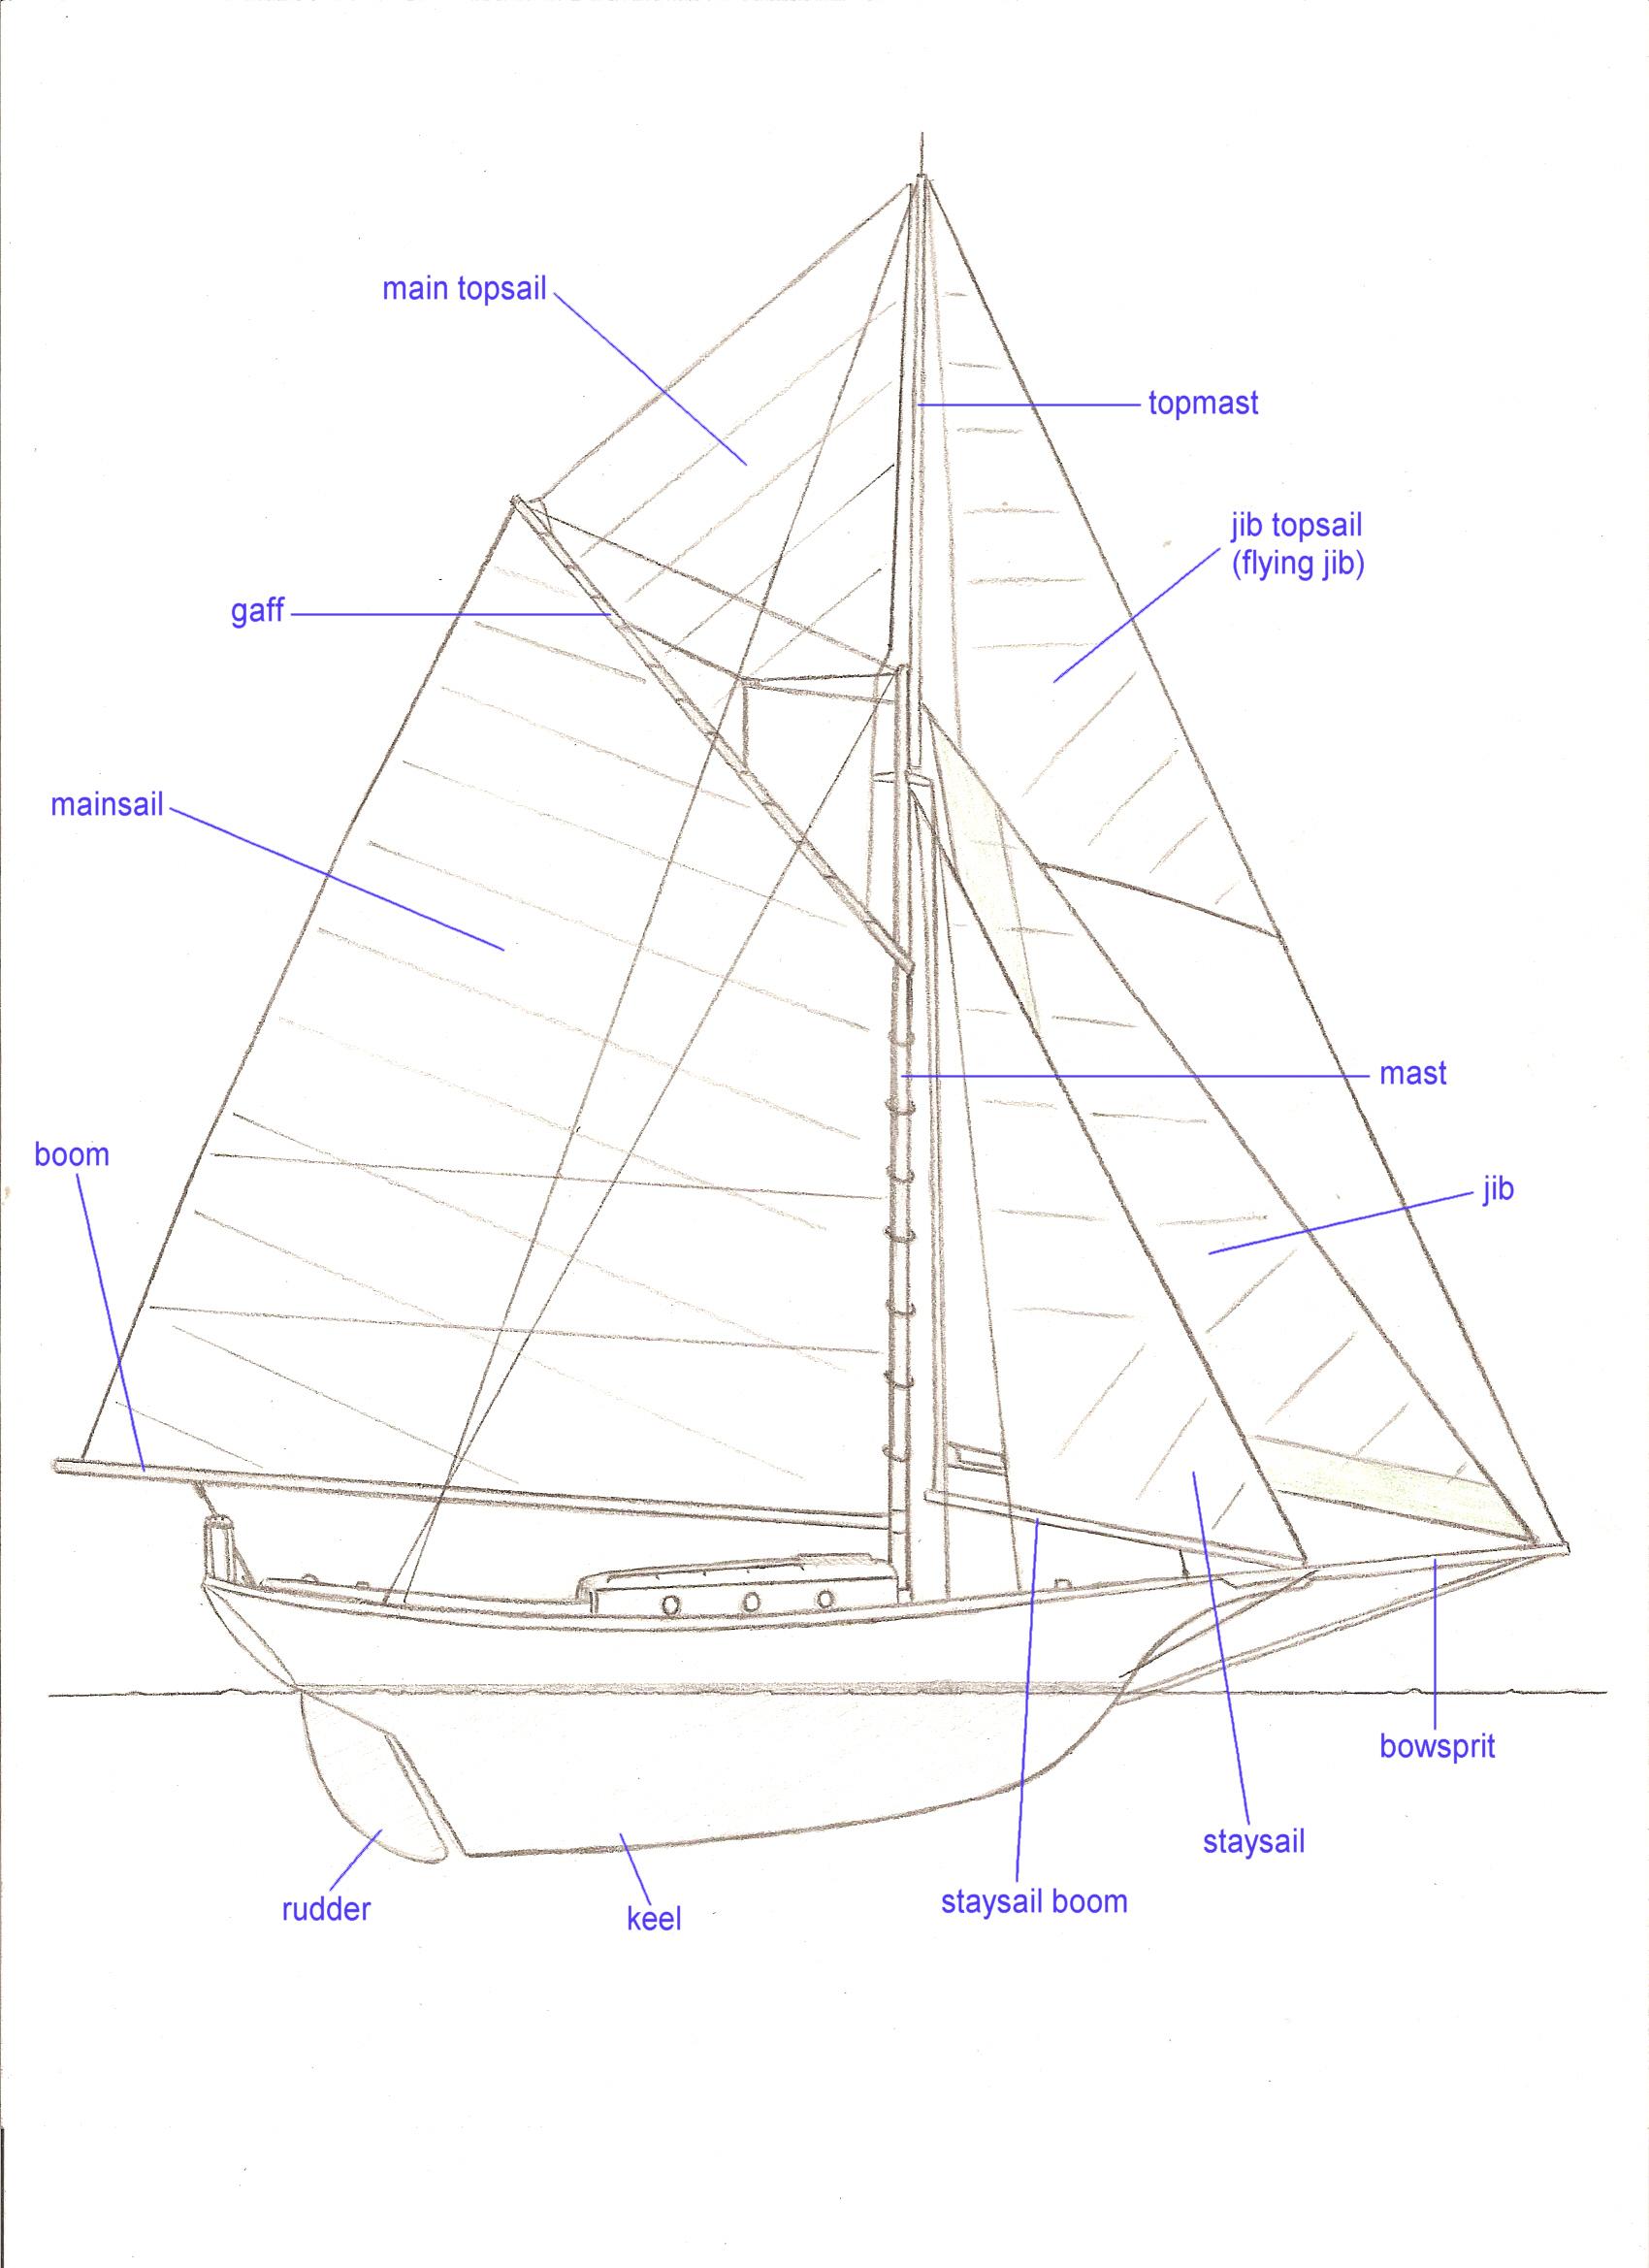 file friendship sloop diagram jpg wikimedia commons